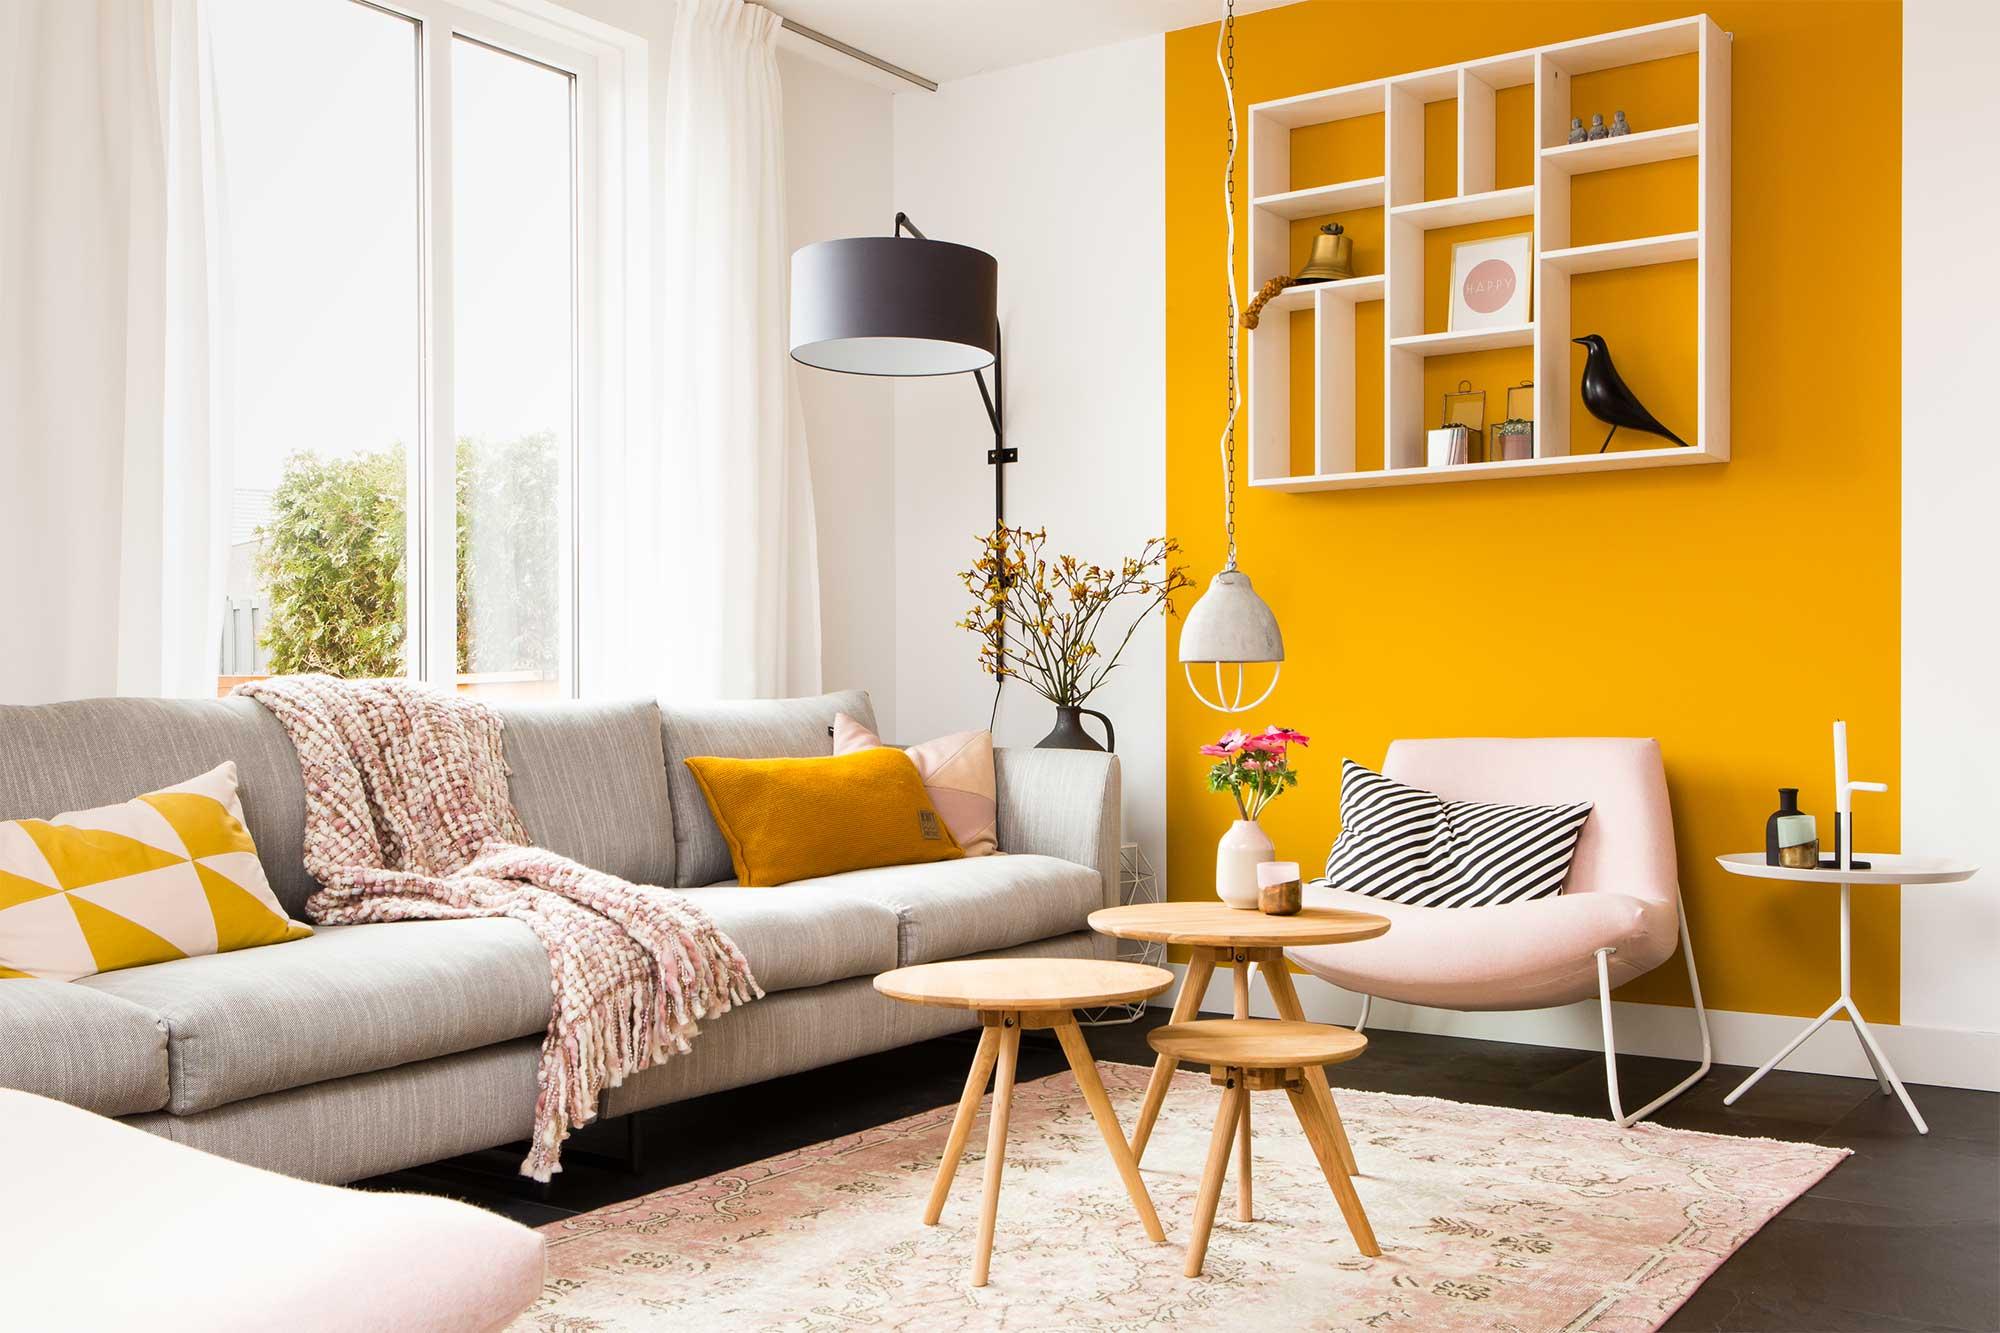 kleurtips woonkamer geel